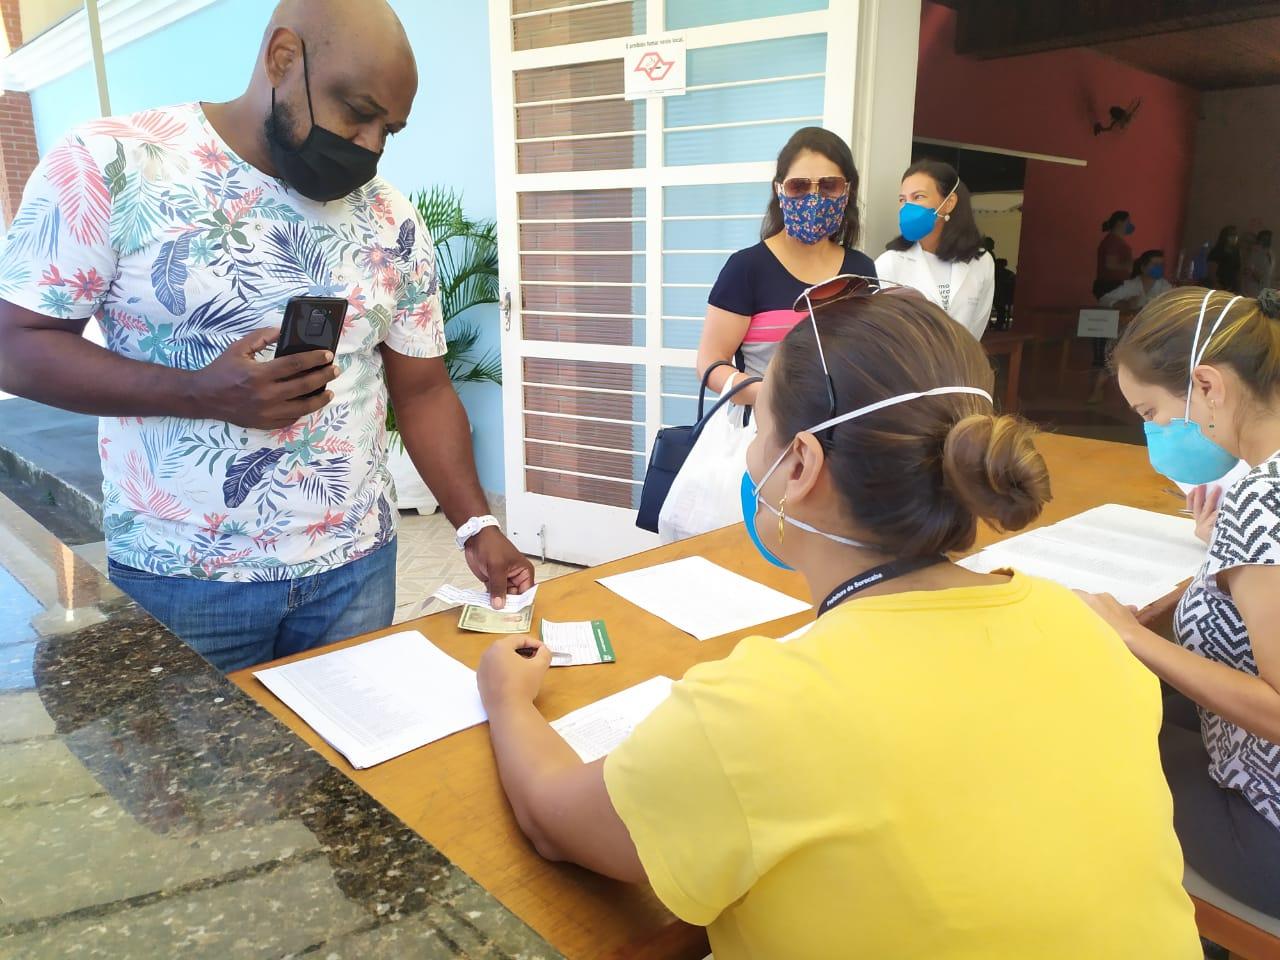 noticias.sorocaba.sp .gov .br sorocaba vacinou 3 594 profissionais de educacao whatsapp image 2021 04 09 at 20.37.47